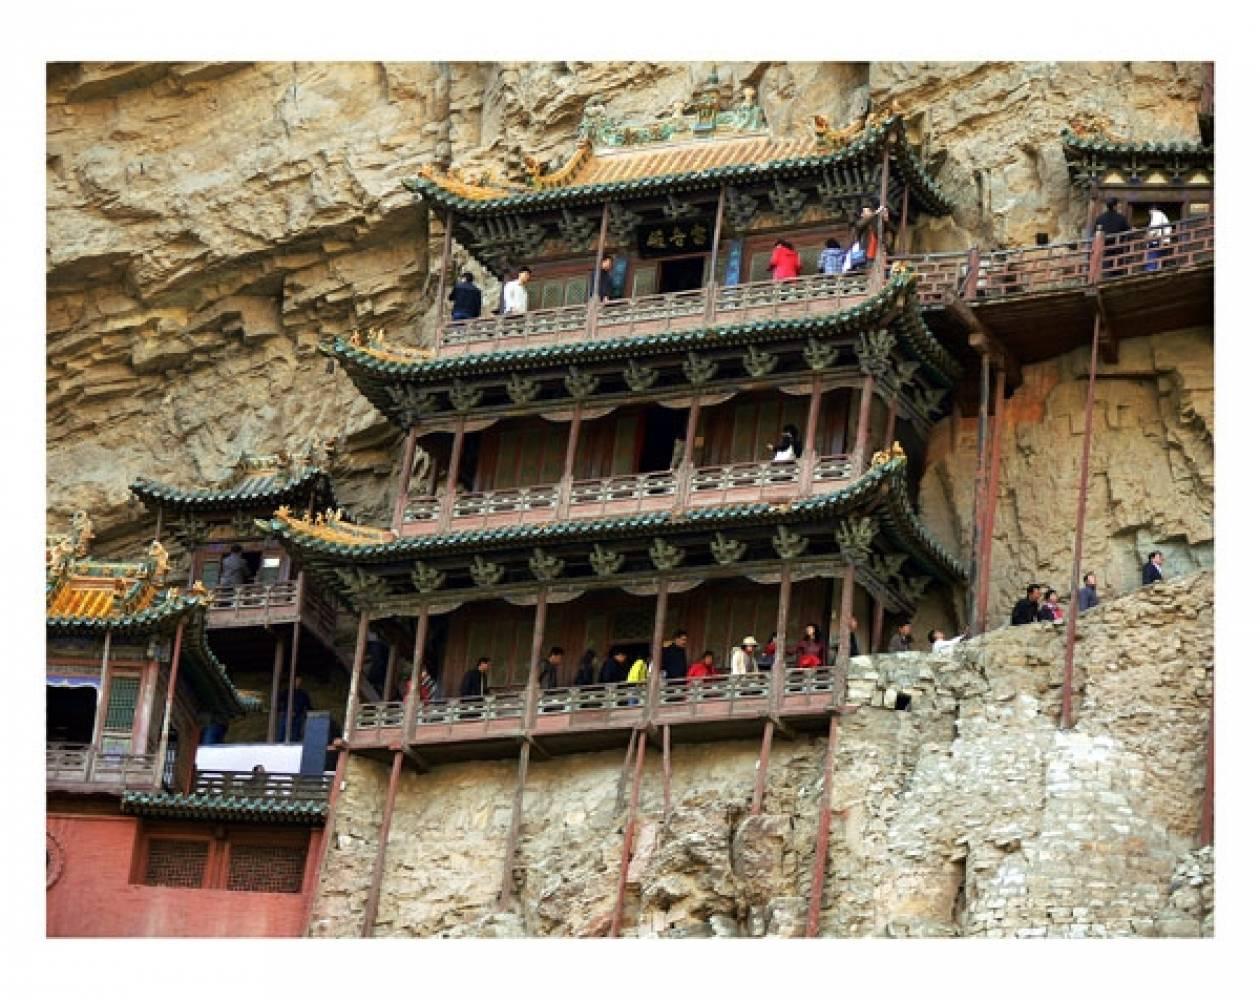 Ναός κρεμασμένος από βράχια (pics)